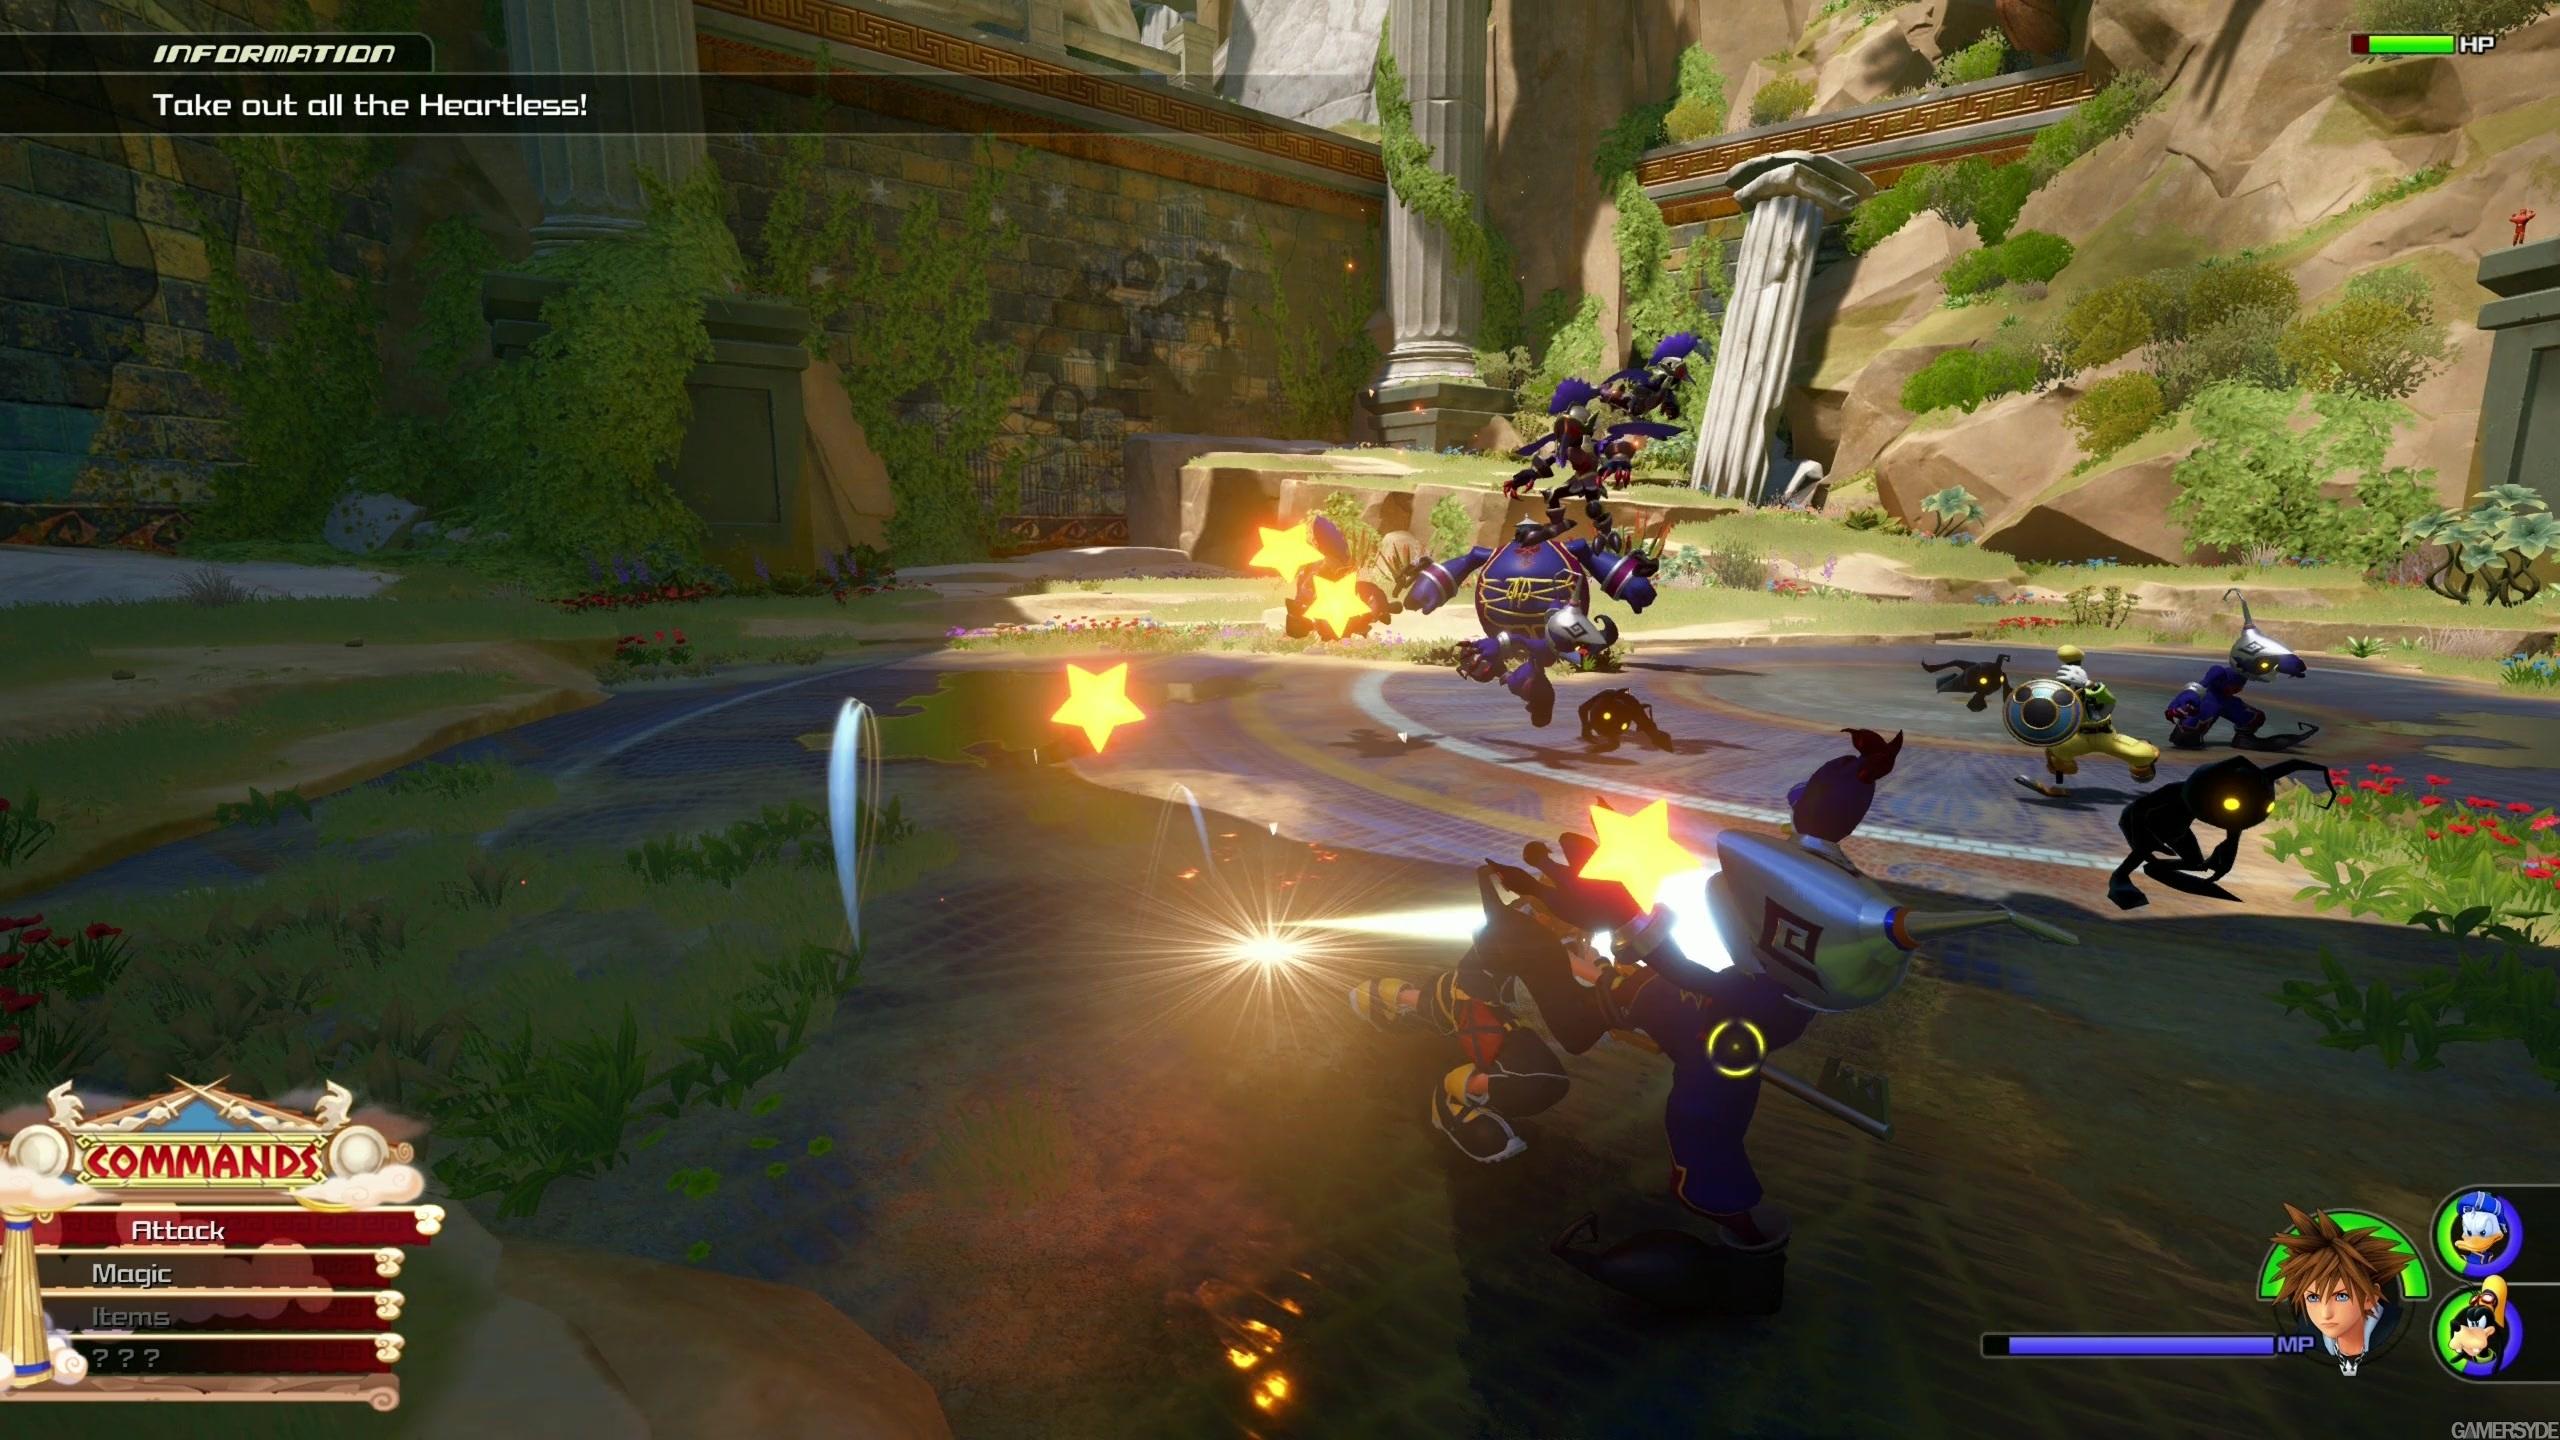 Kingdom Hearts III - Olympus #1 (XB1X/1440p)